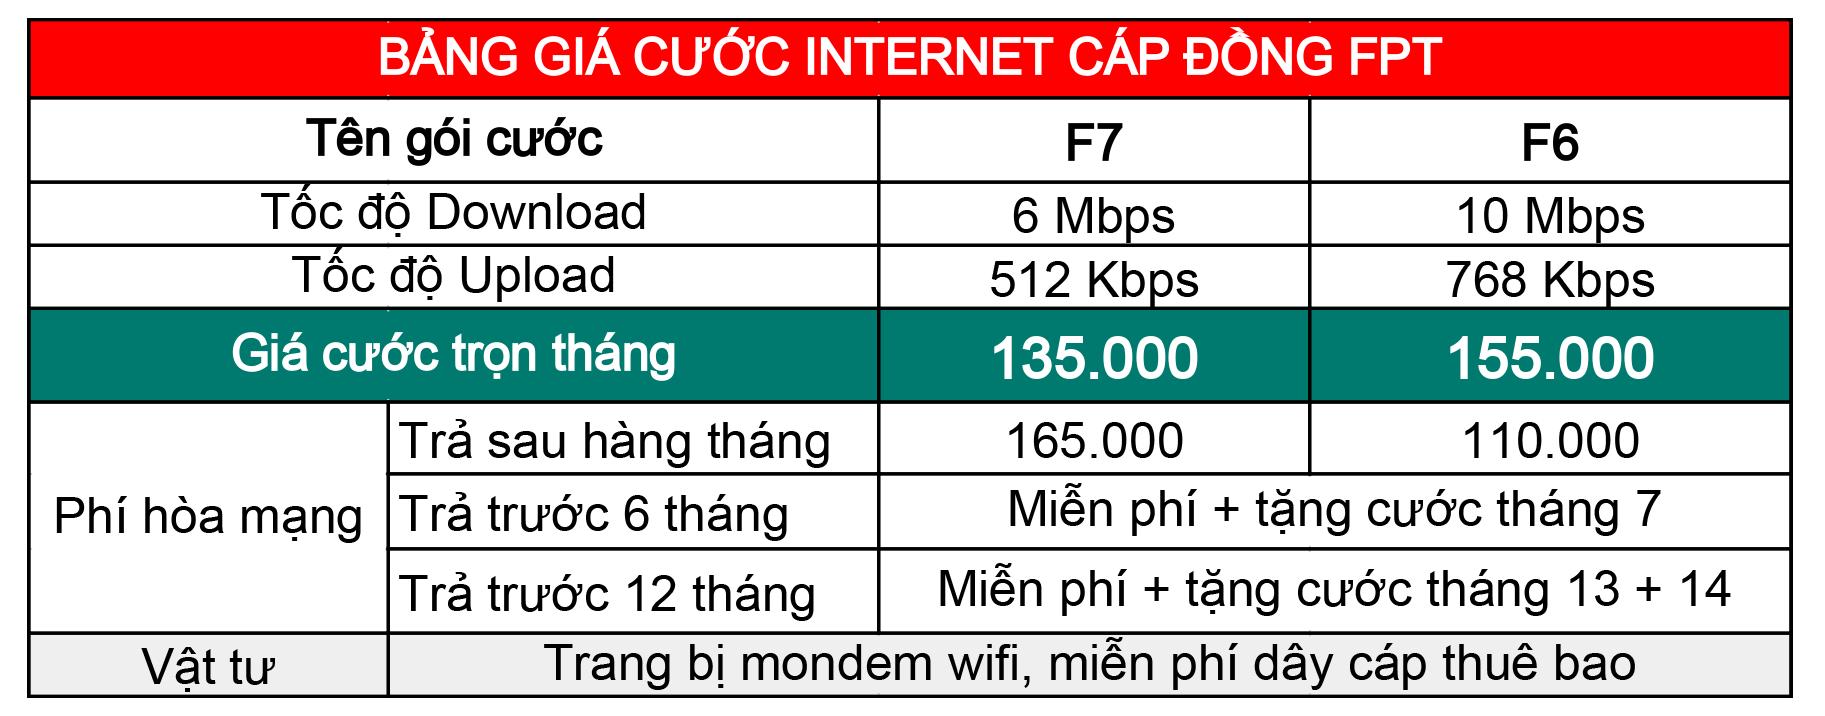 Gói cước internet Cáp đồng